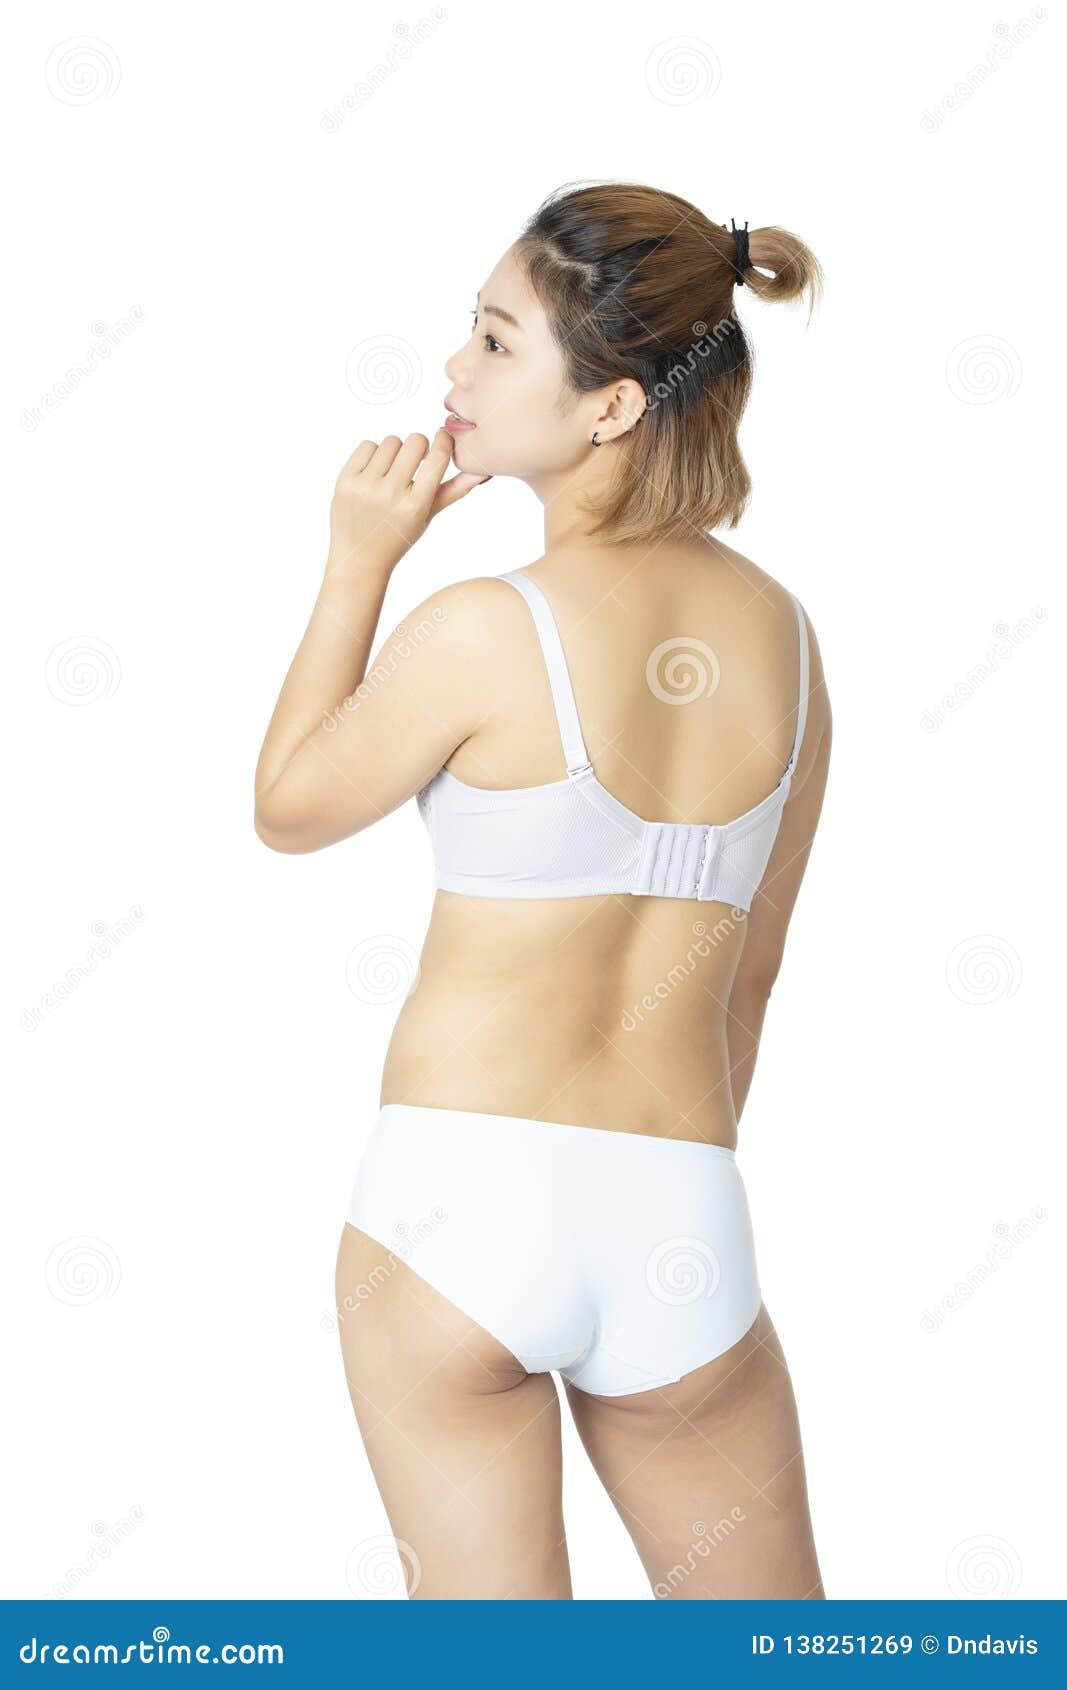 Chinese In Panties Jpg